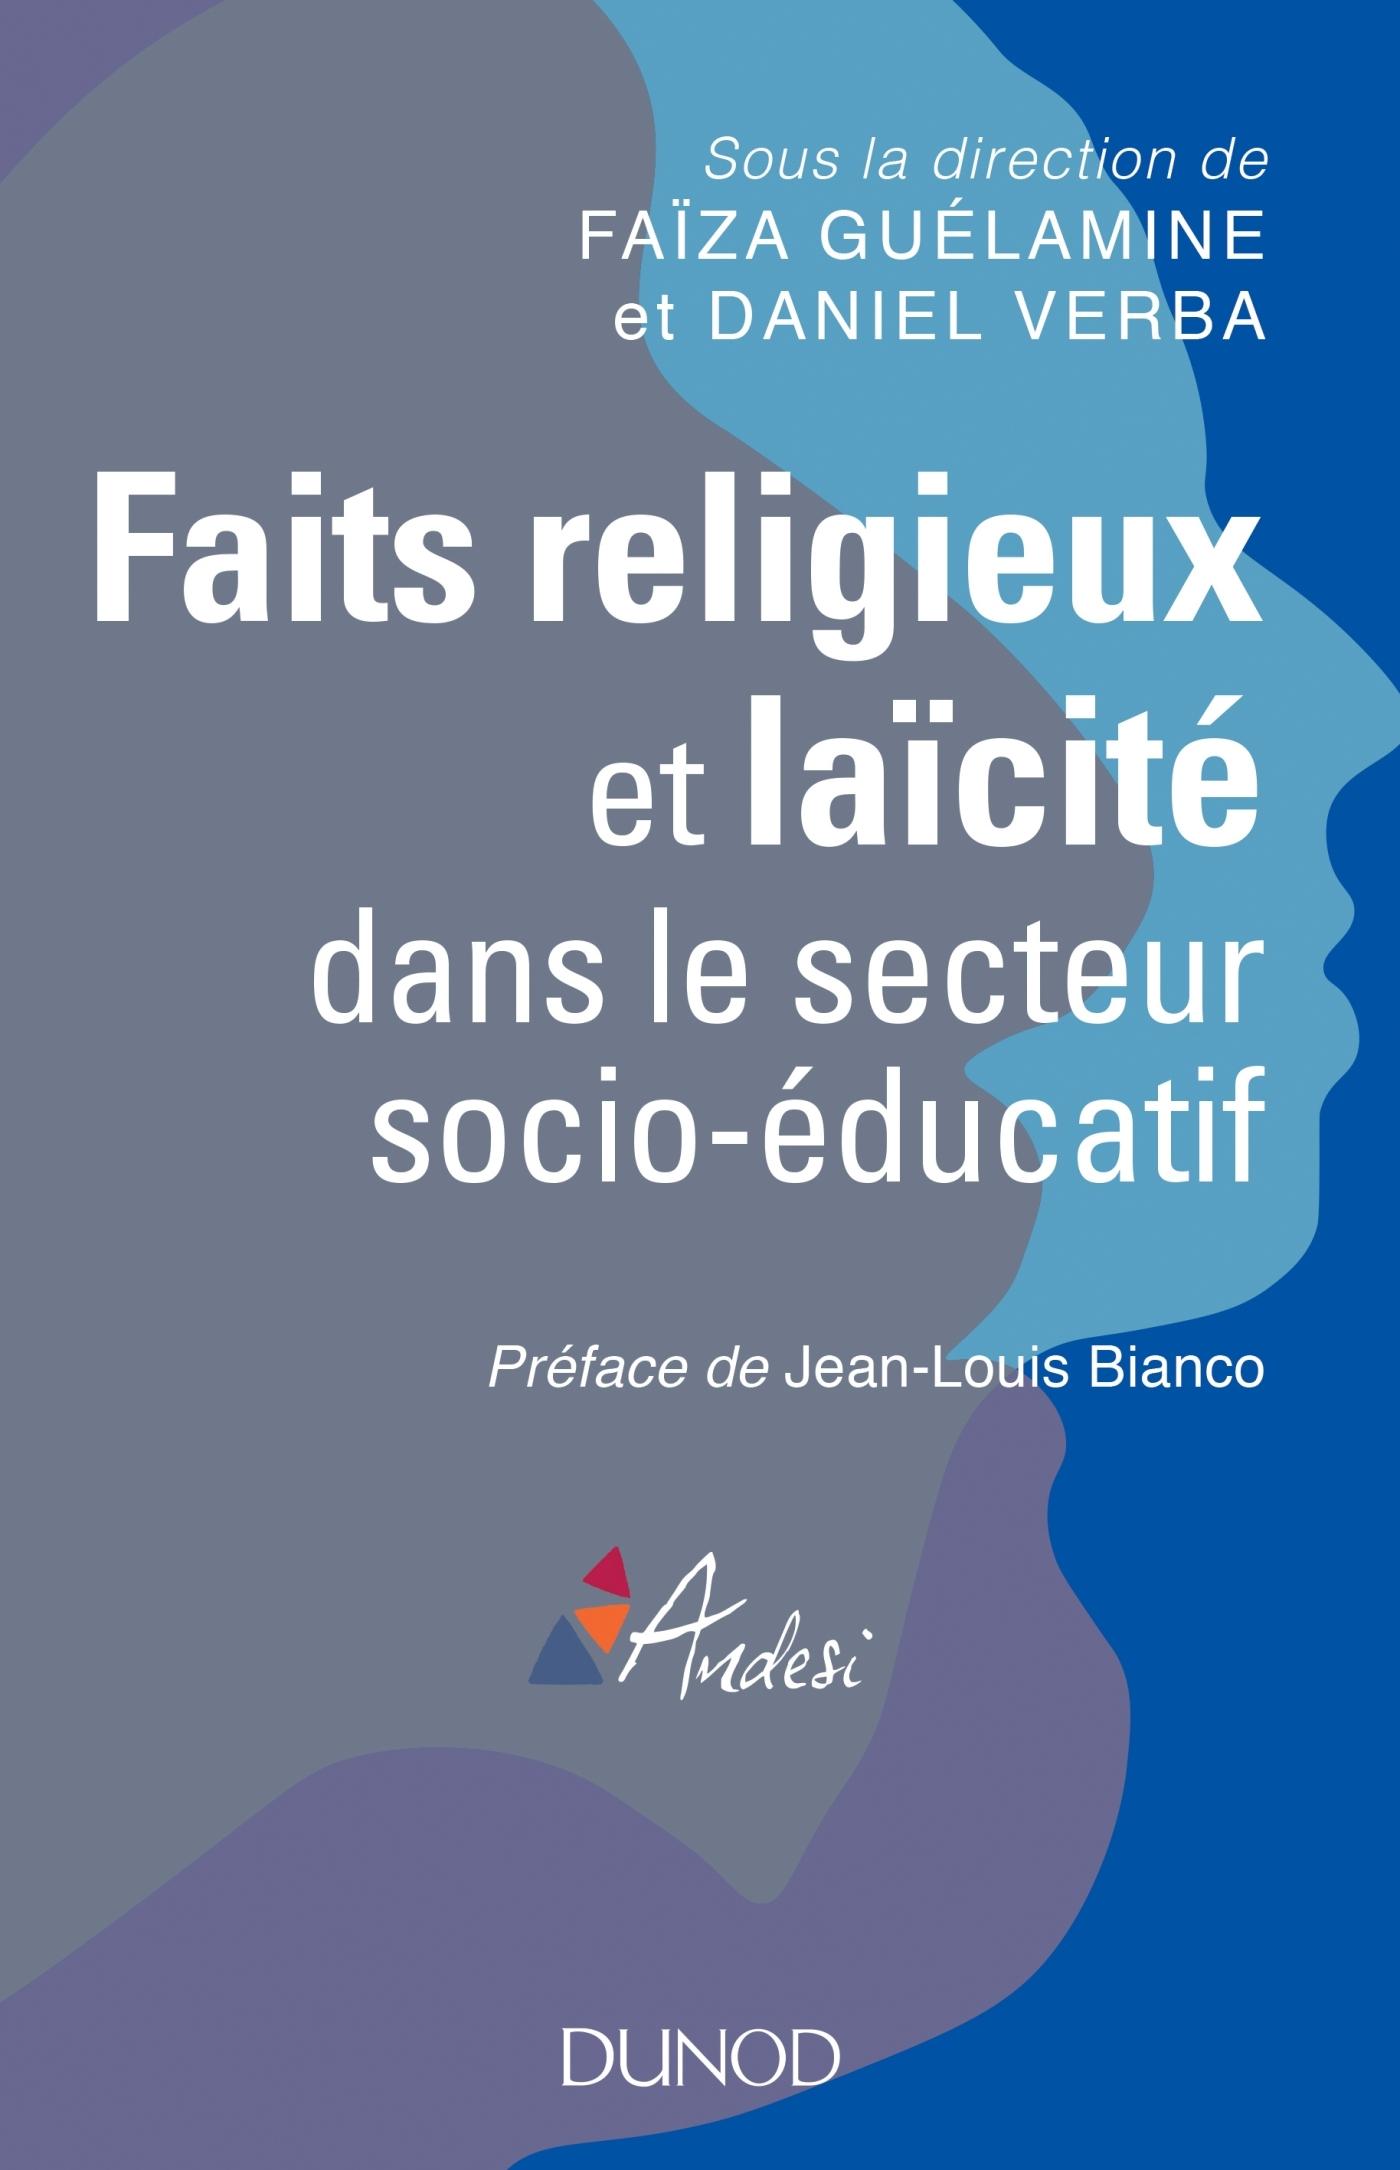 FAITS RELIGIEUX ET LAICITE DANS LE SECTEUR SOCIO-EDUCATIF